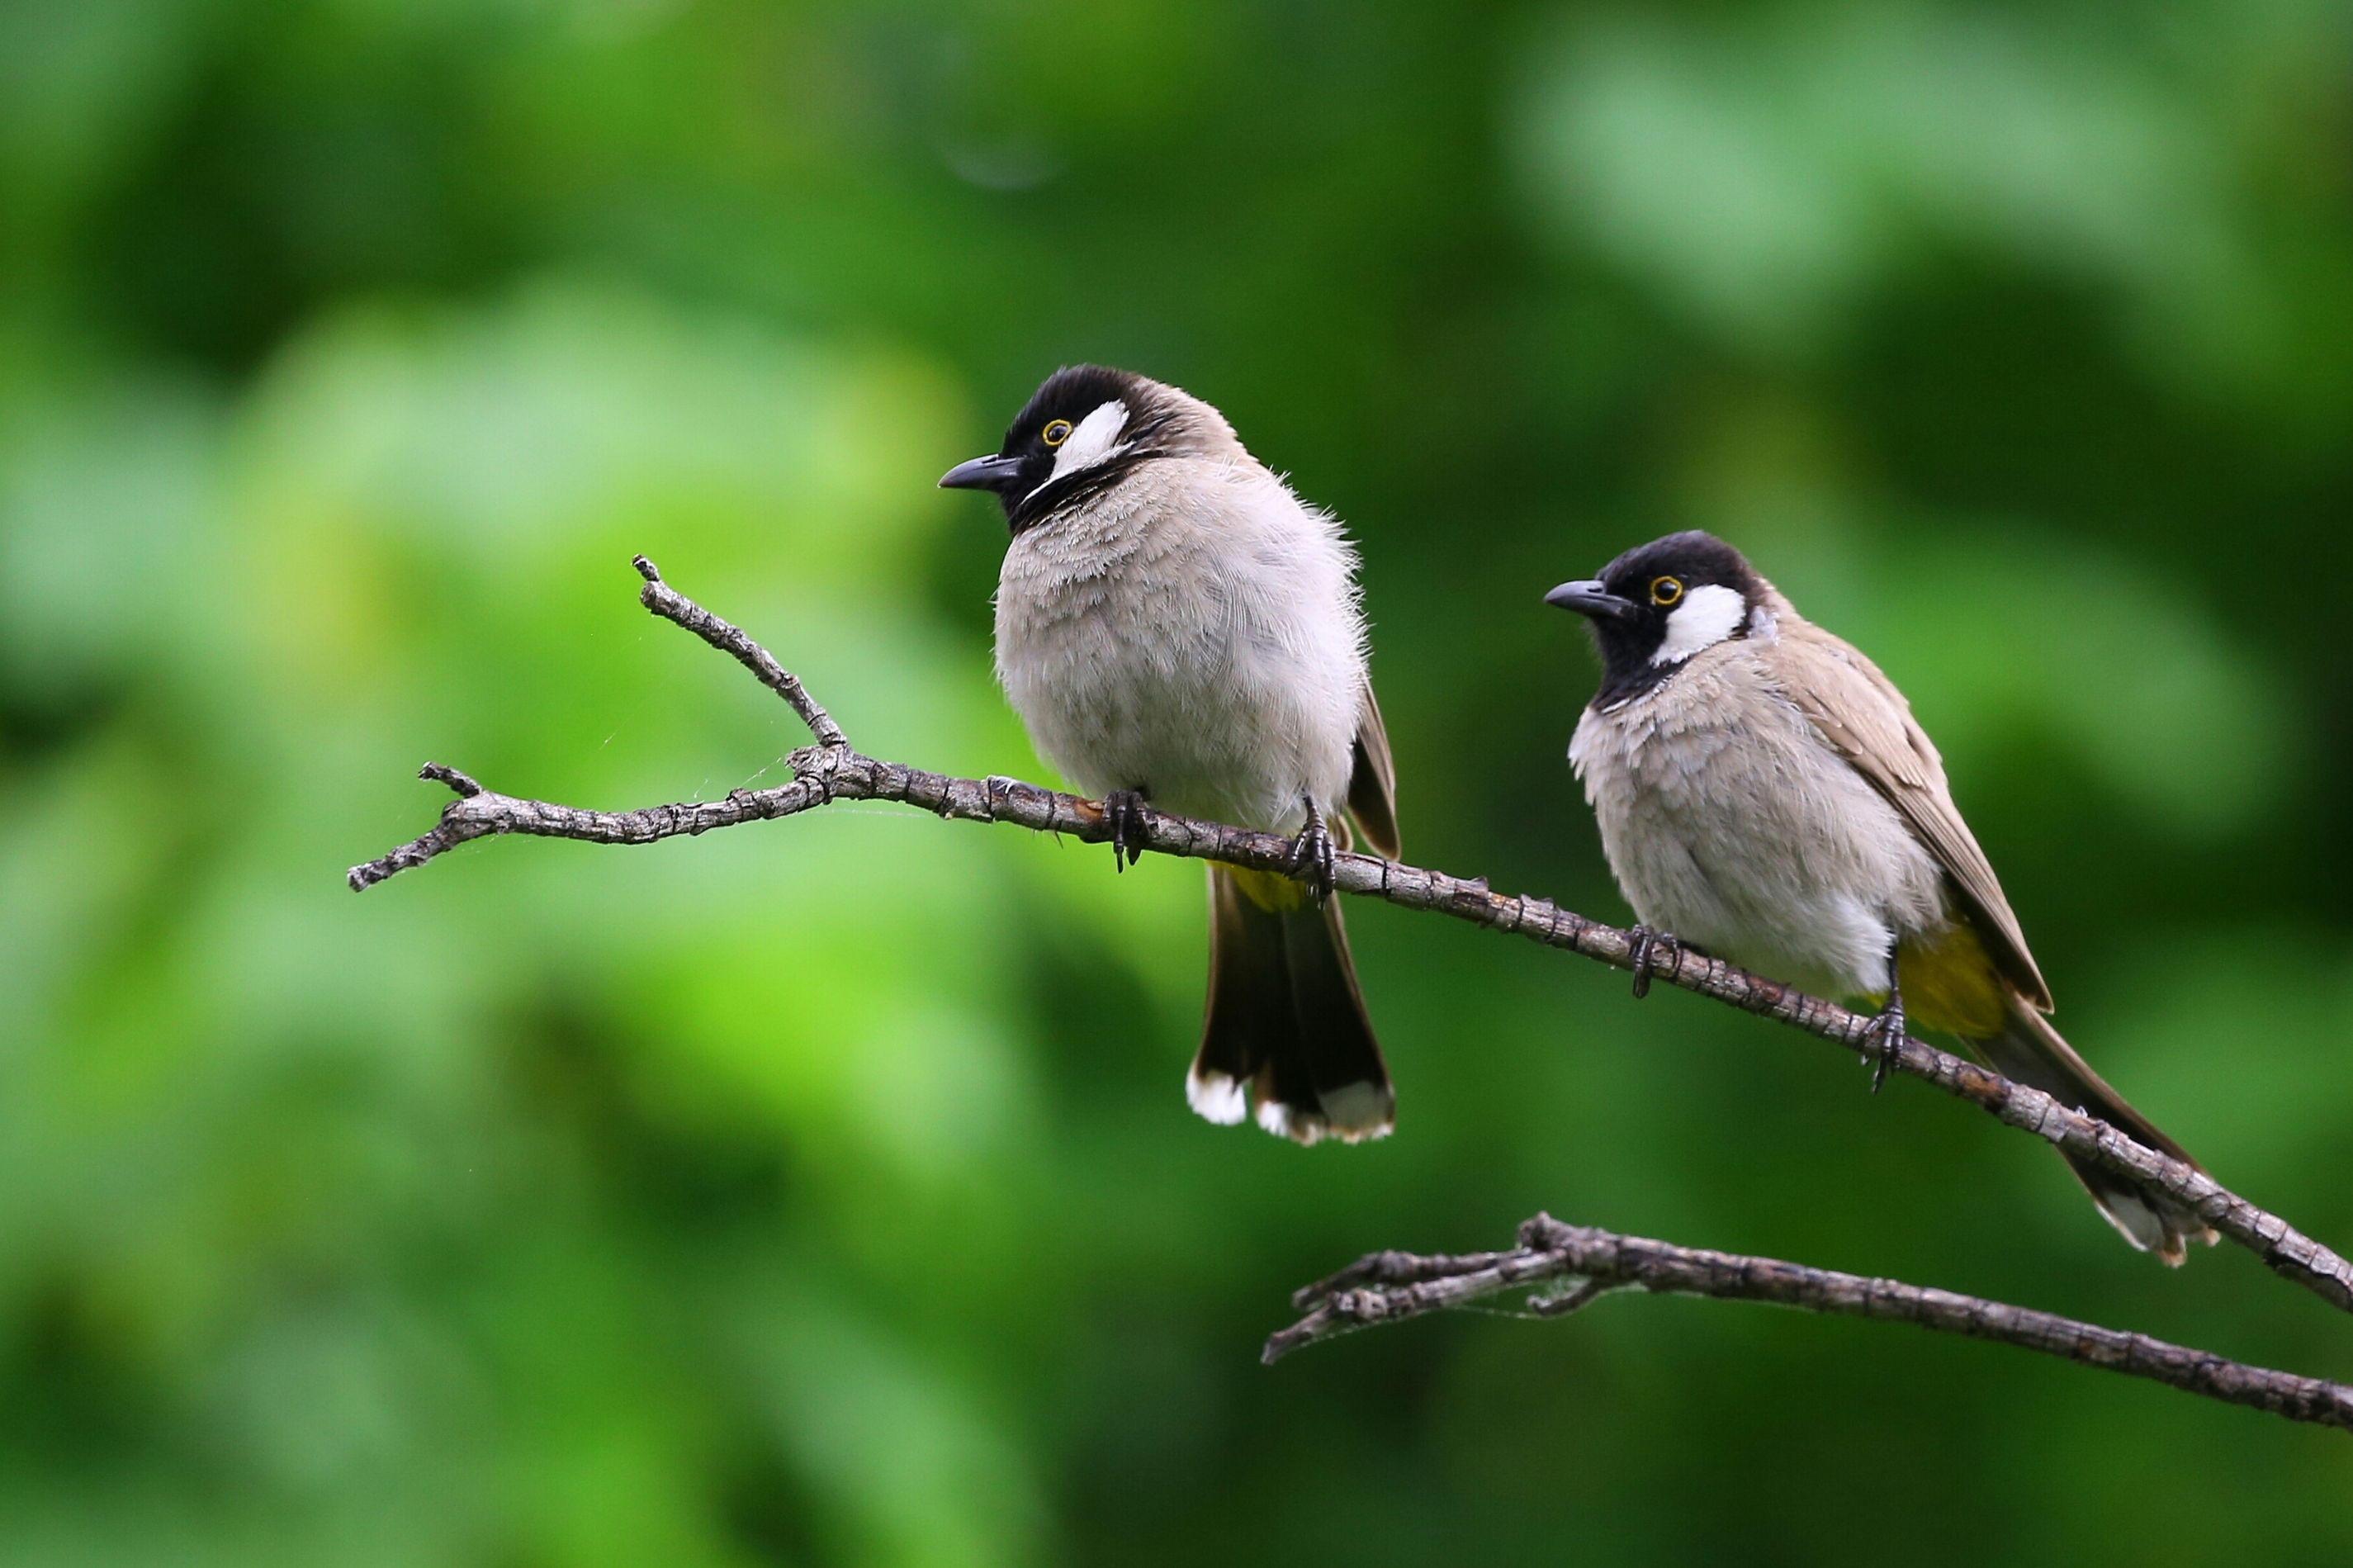 Birdwatching Resources